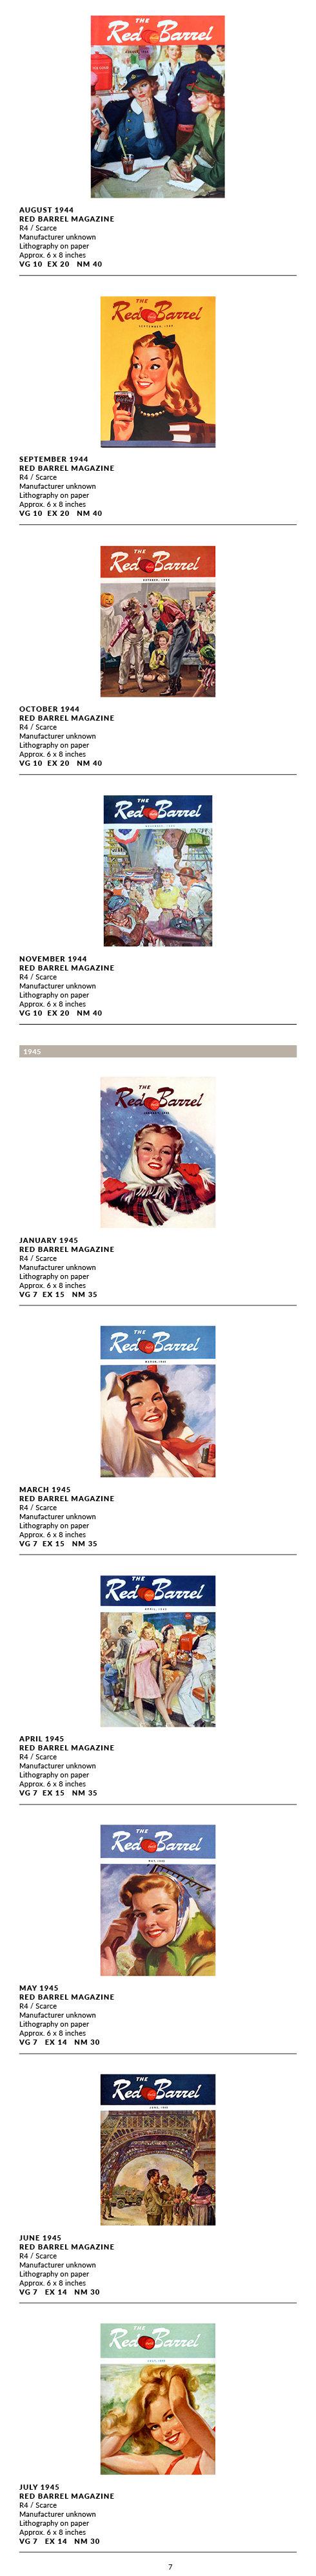 PHONE_RedBarrel_1940-457.jpg